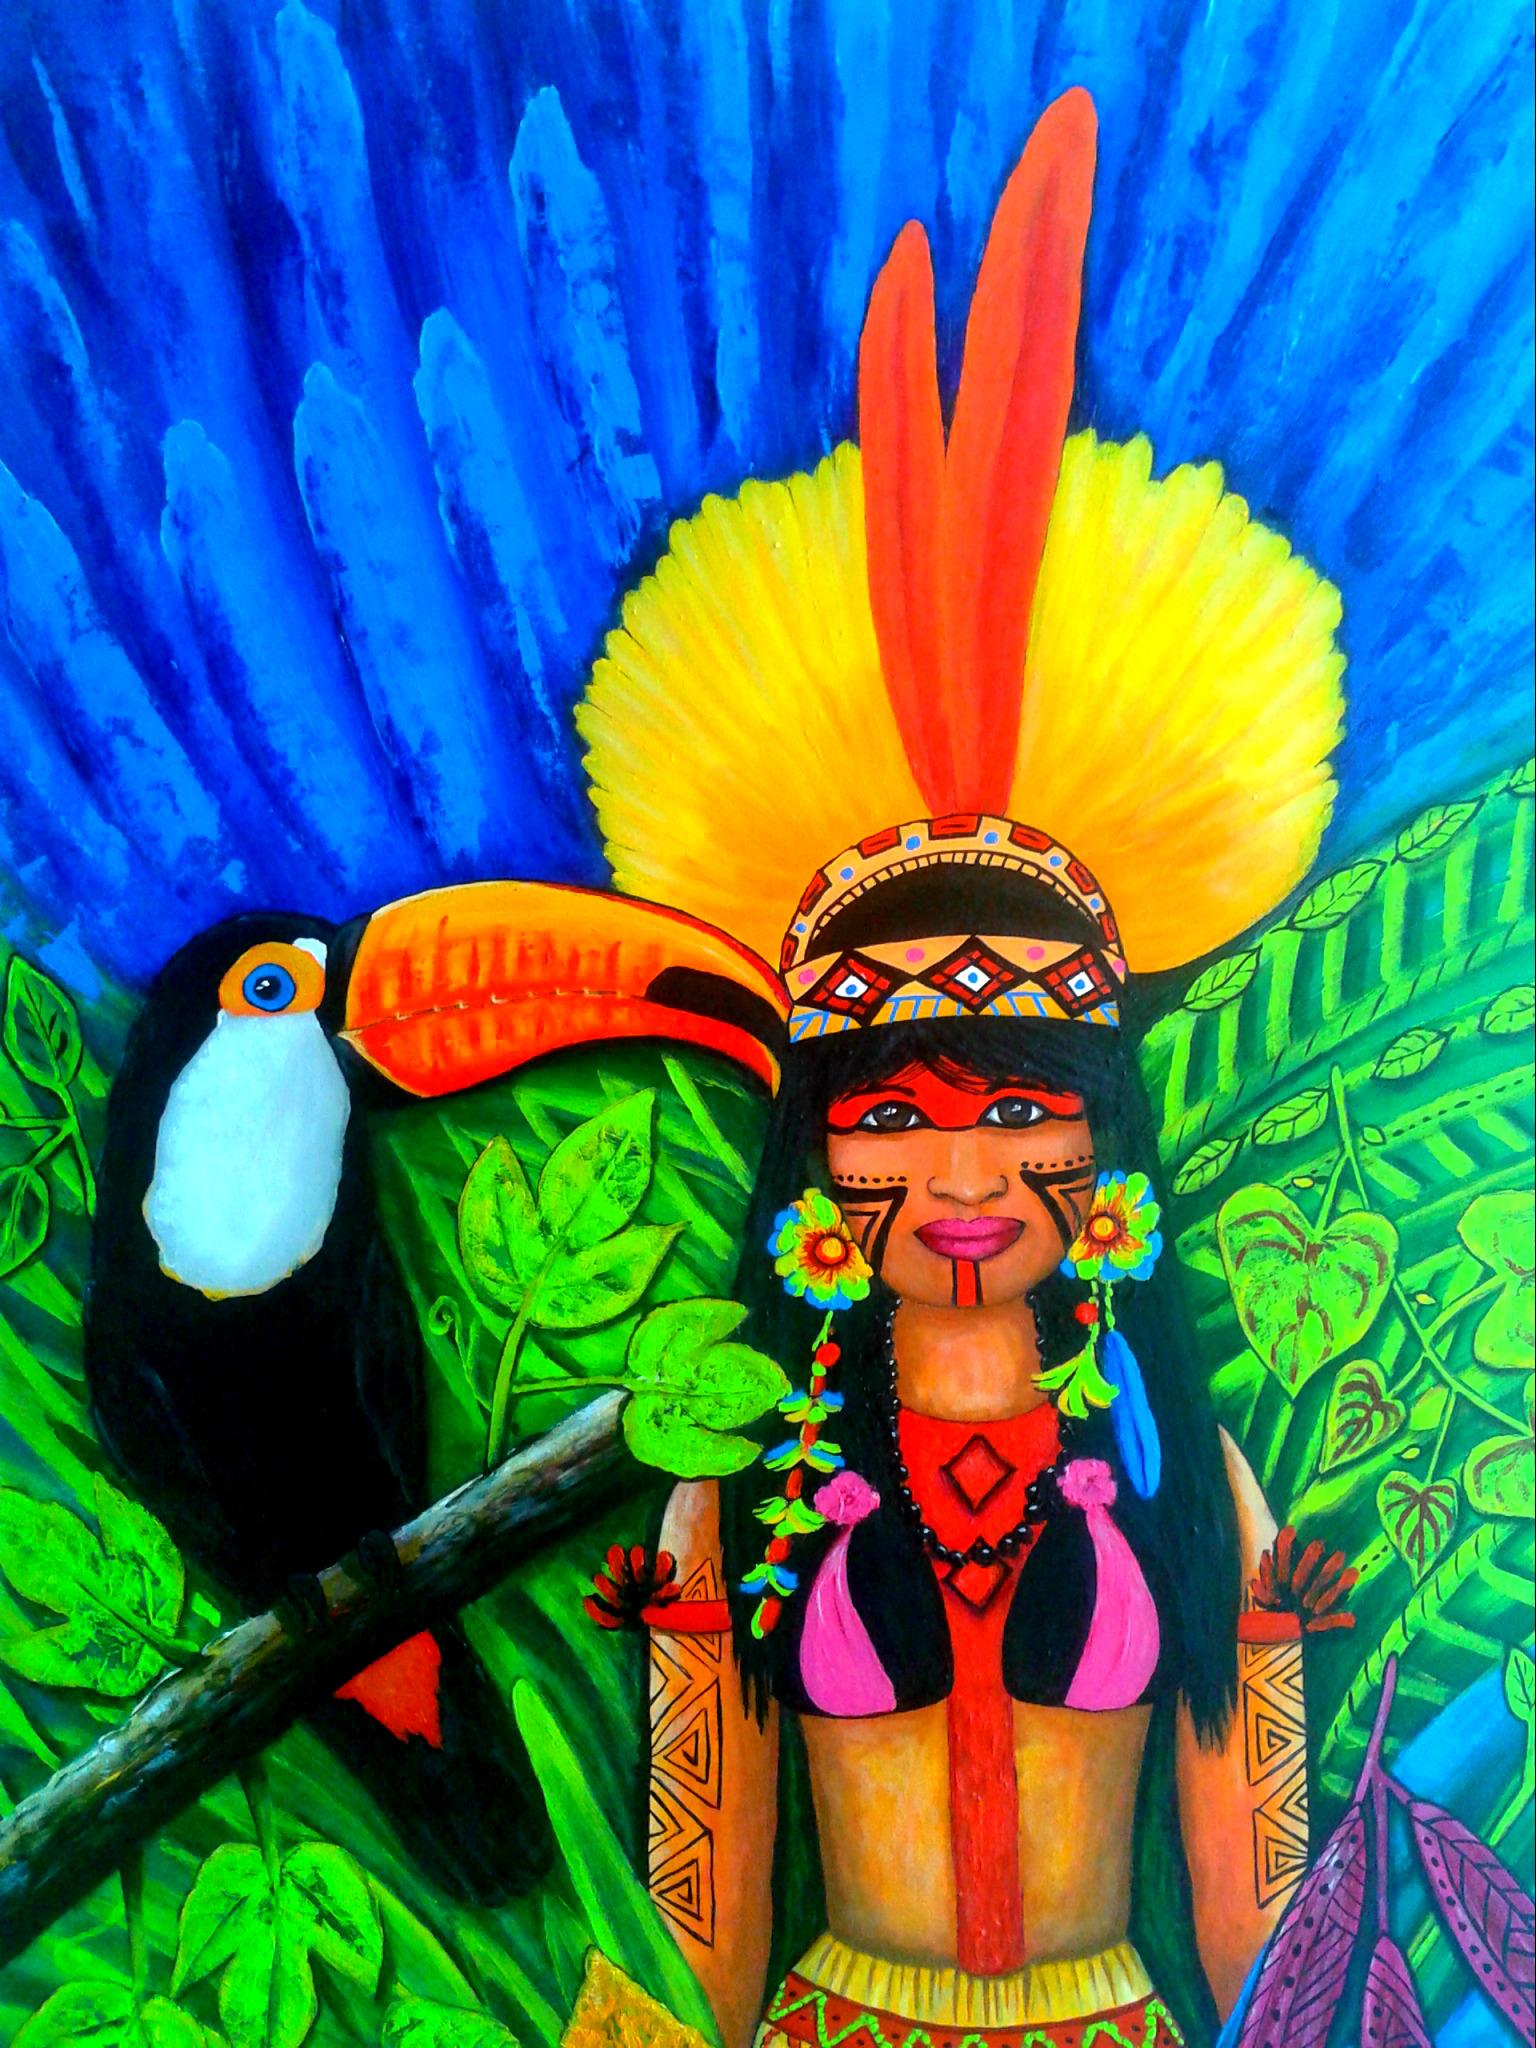 Índios do brasil Índia e tucano no elo7 juliana buglia 68acb2